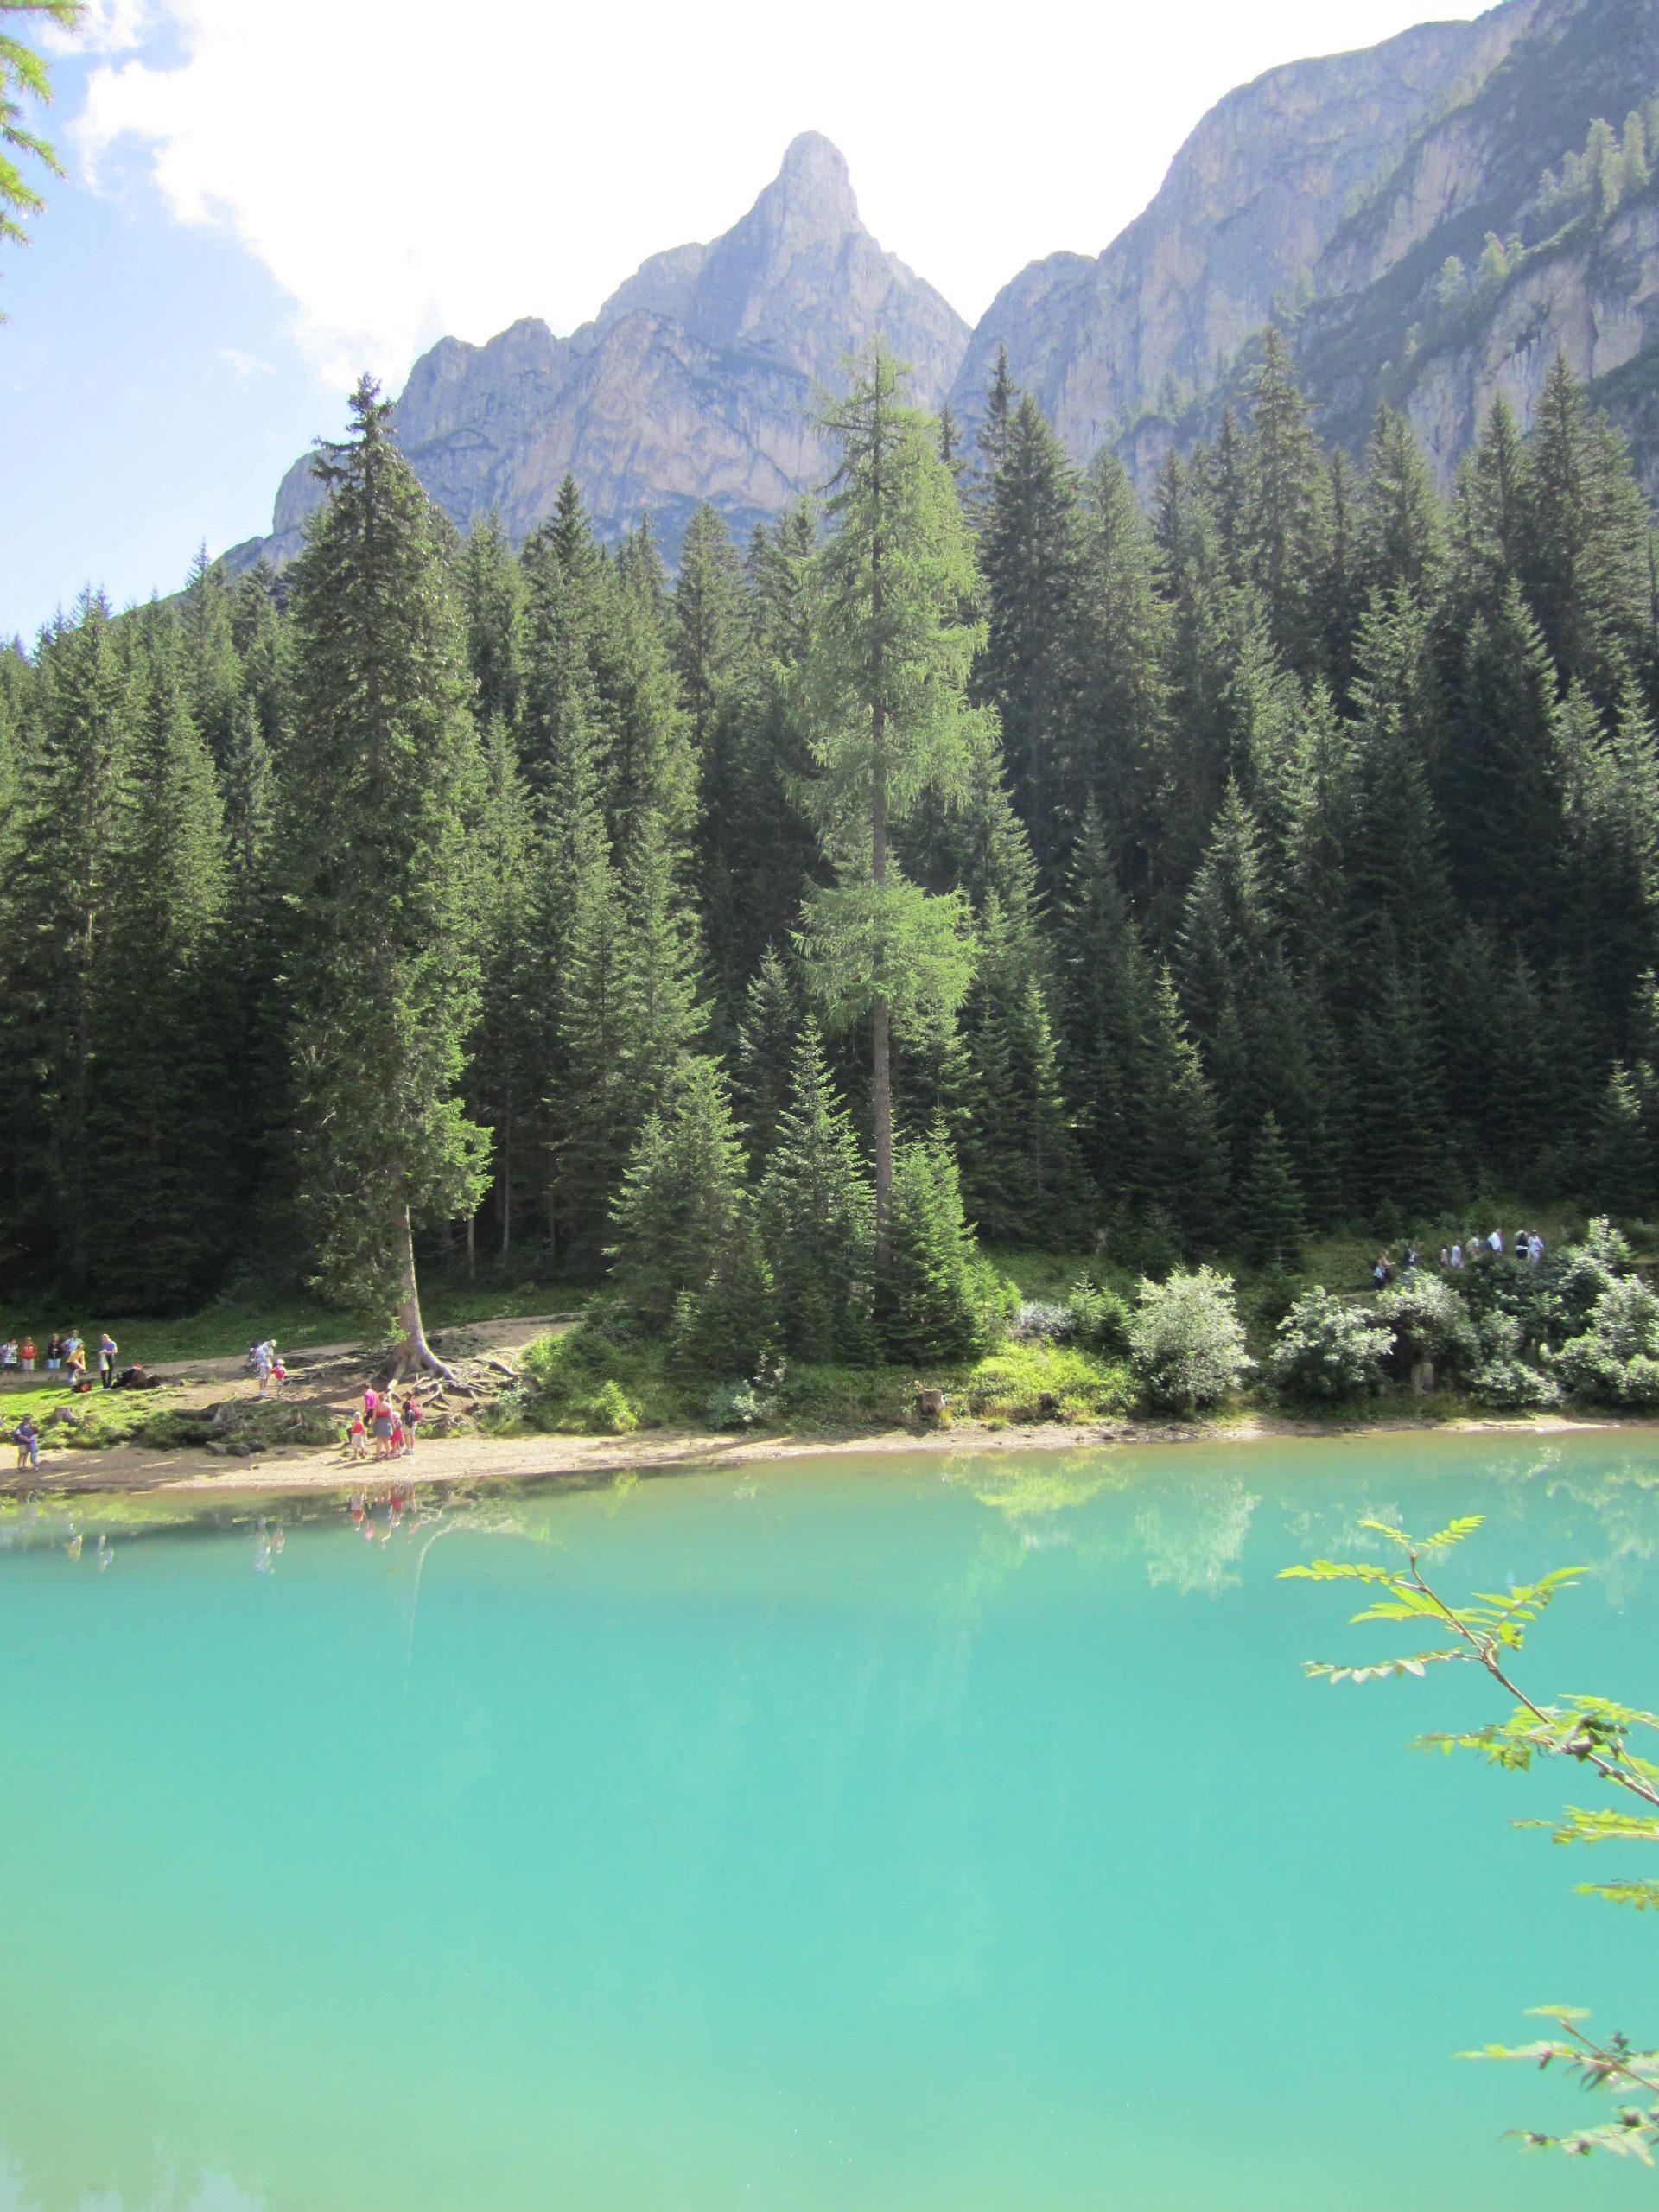 Bergsee mit Bäumen und Menschen am anderen Ufer